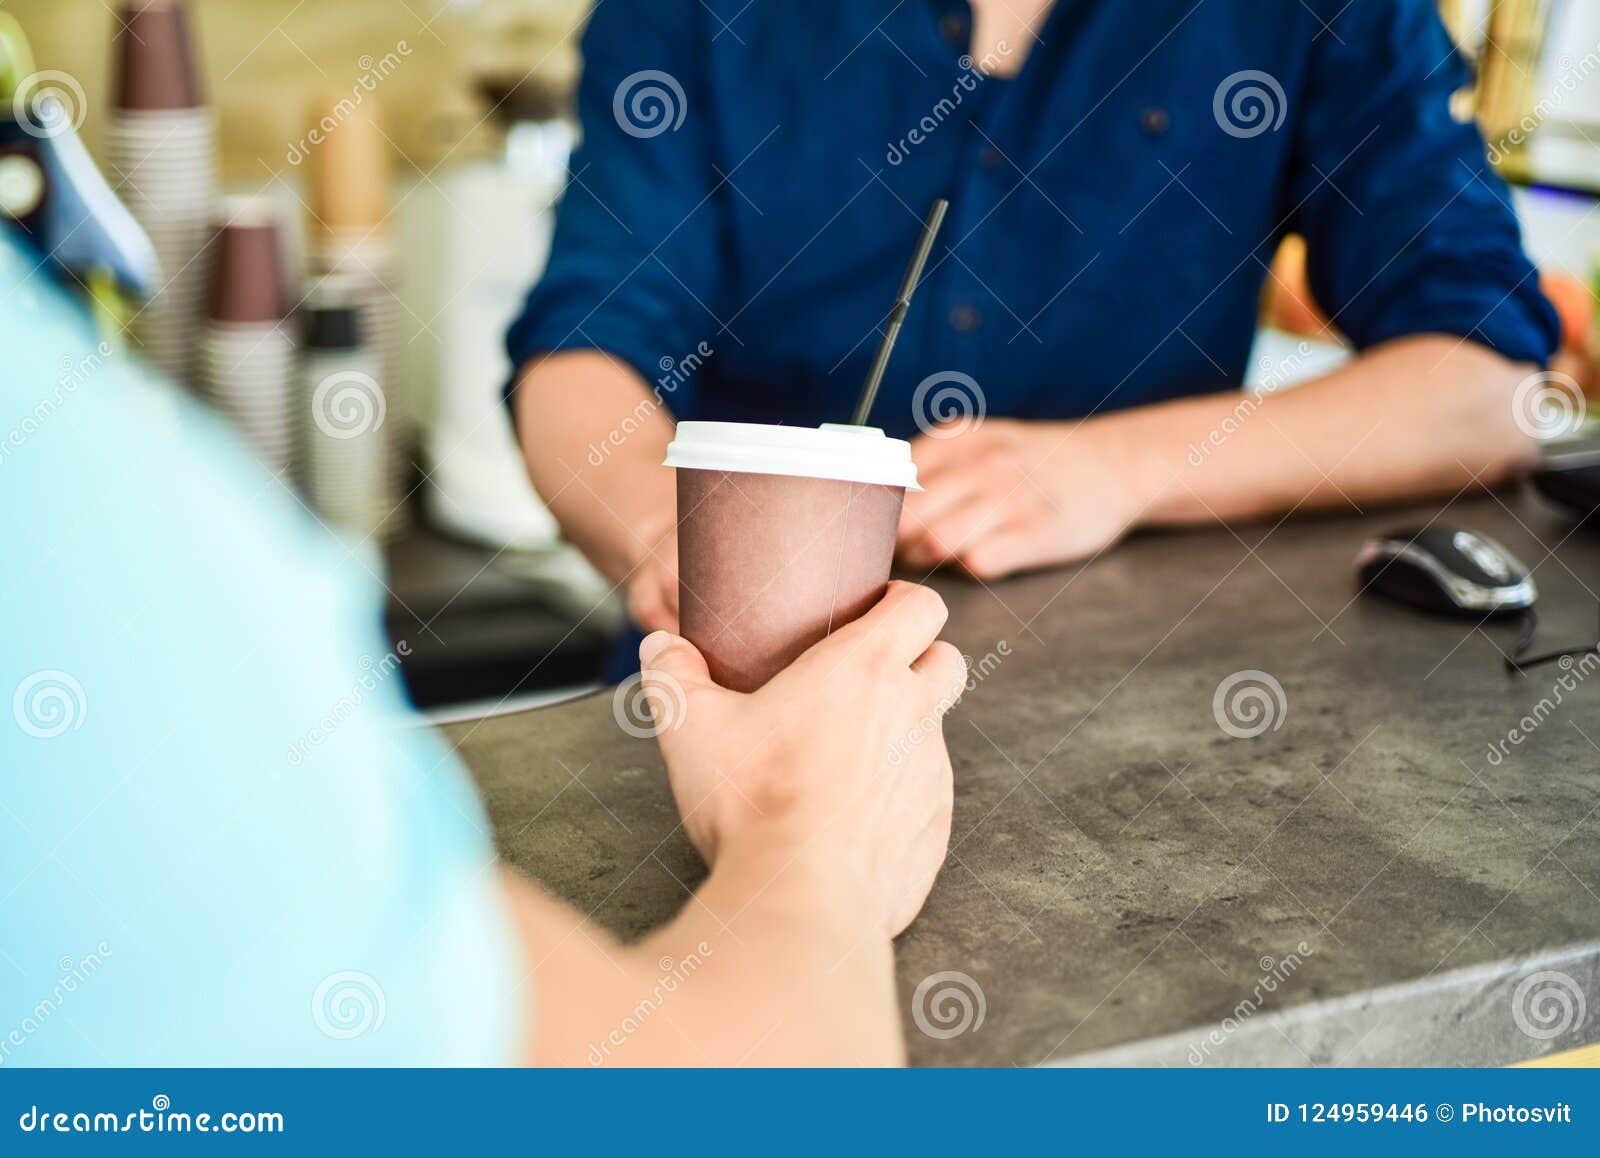 Main de barman au café de service de barre pour le client La main donne la tasse au visiteur de client Appréciez votre boisson L